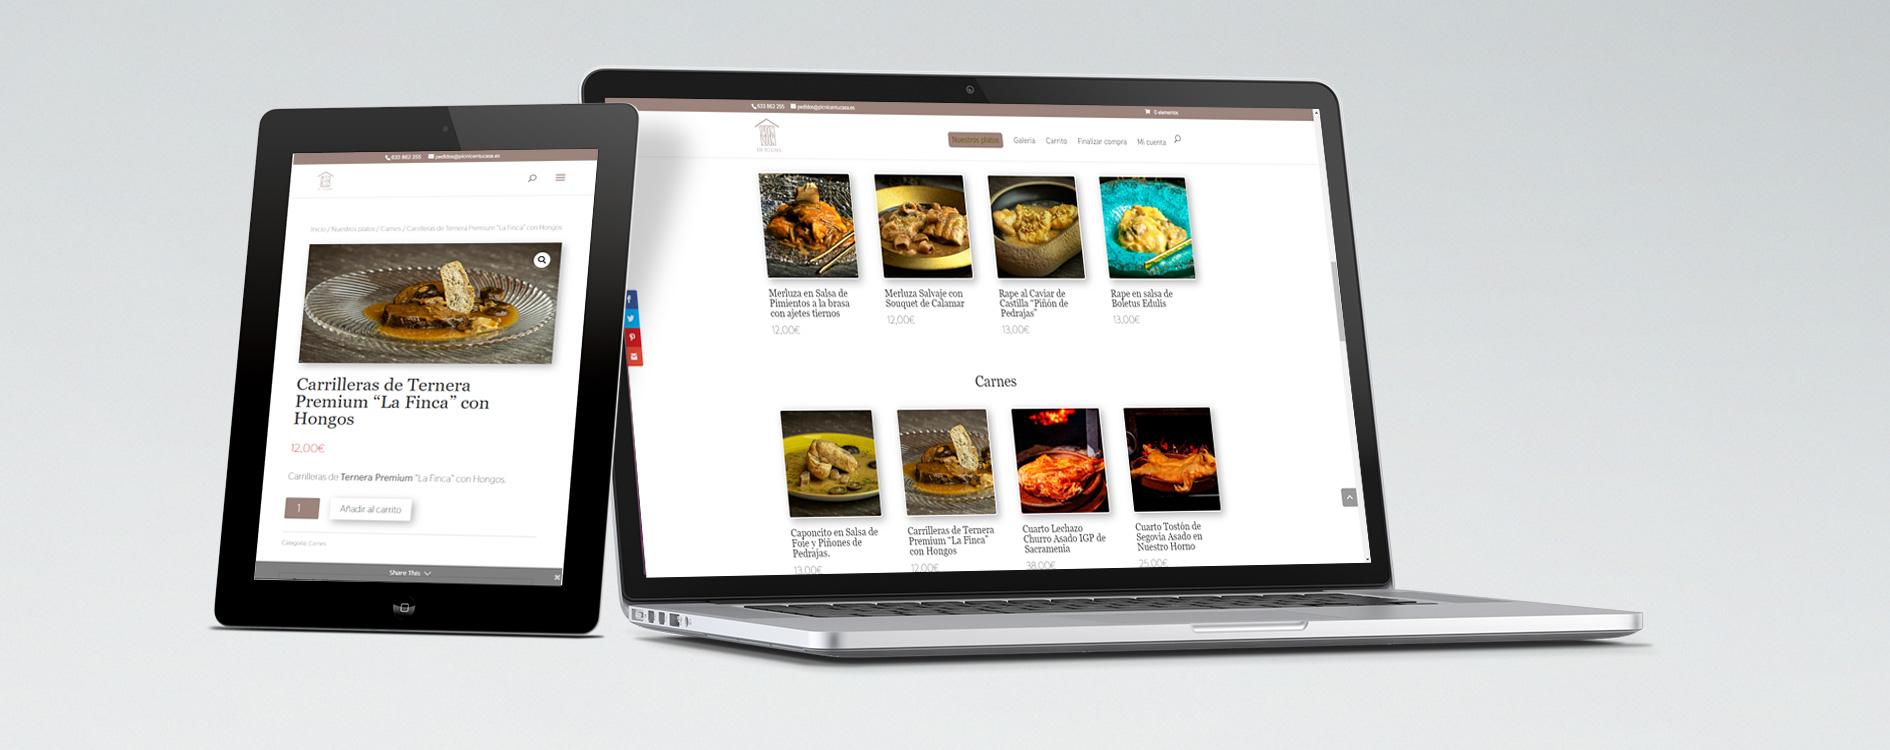 Pic Nic en tu Casa ecommerce gastronomía alta calidad